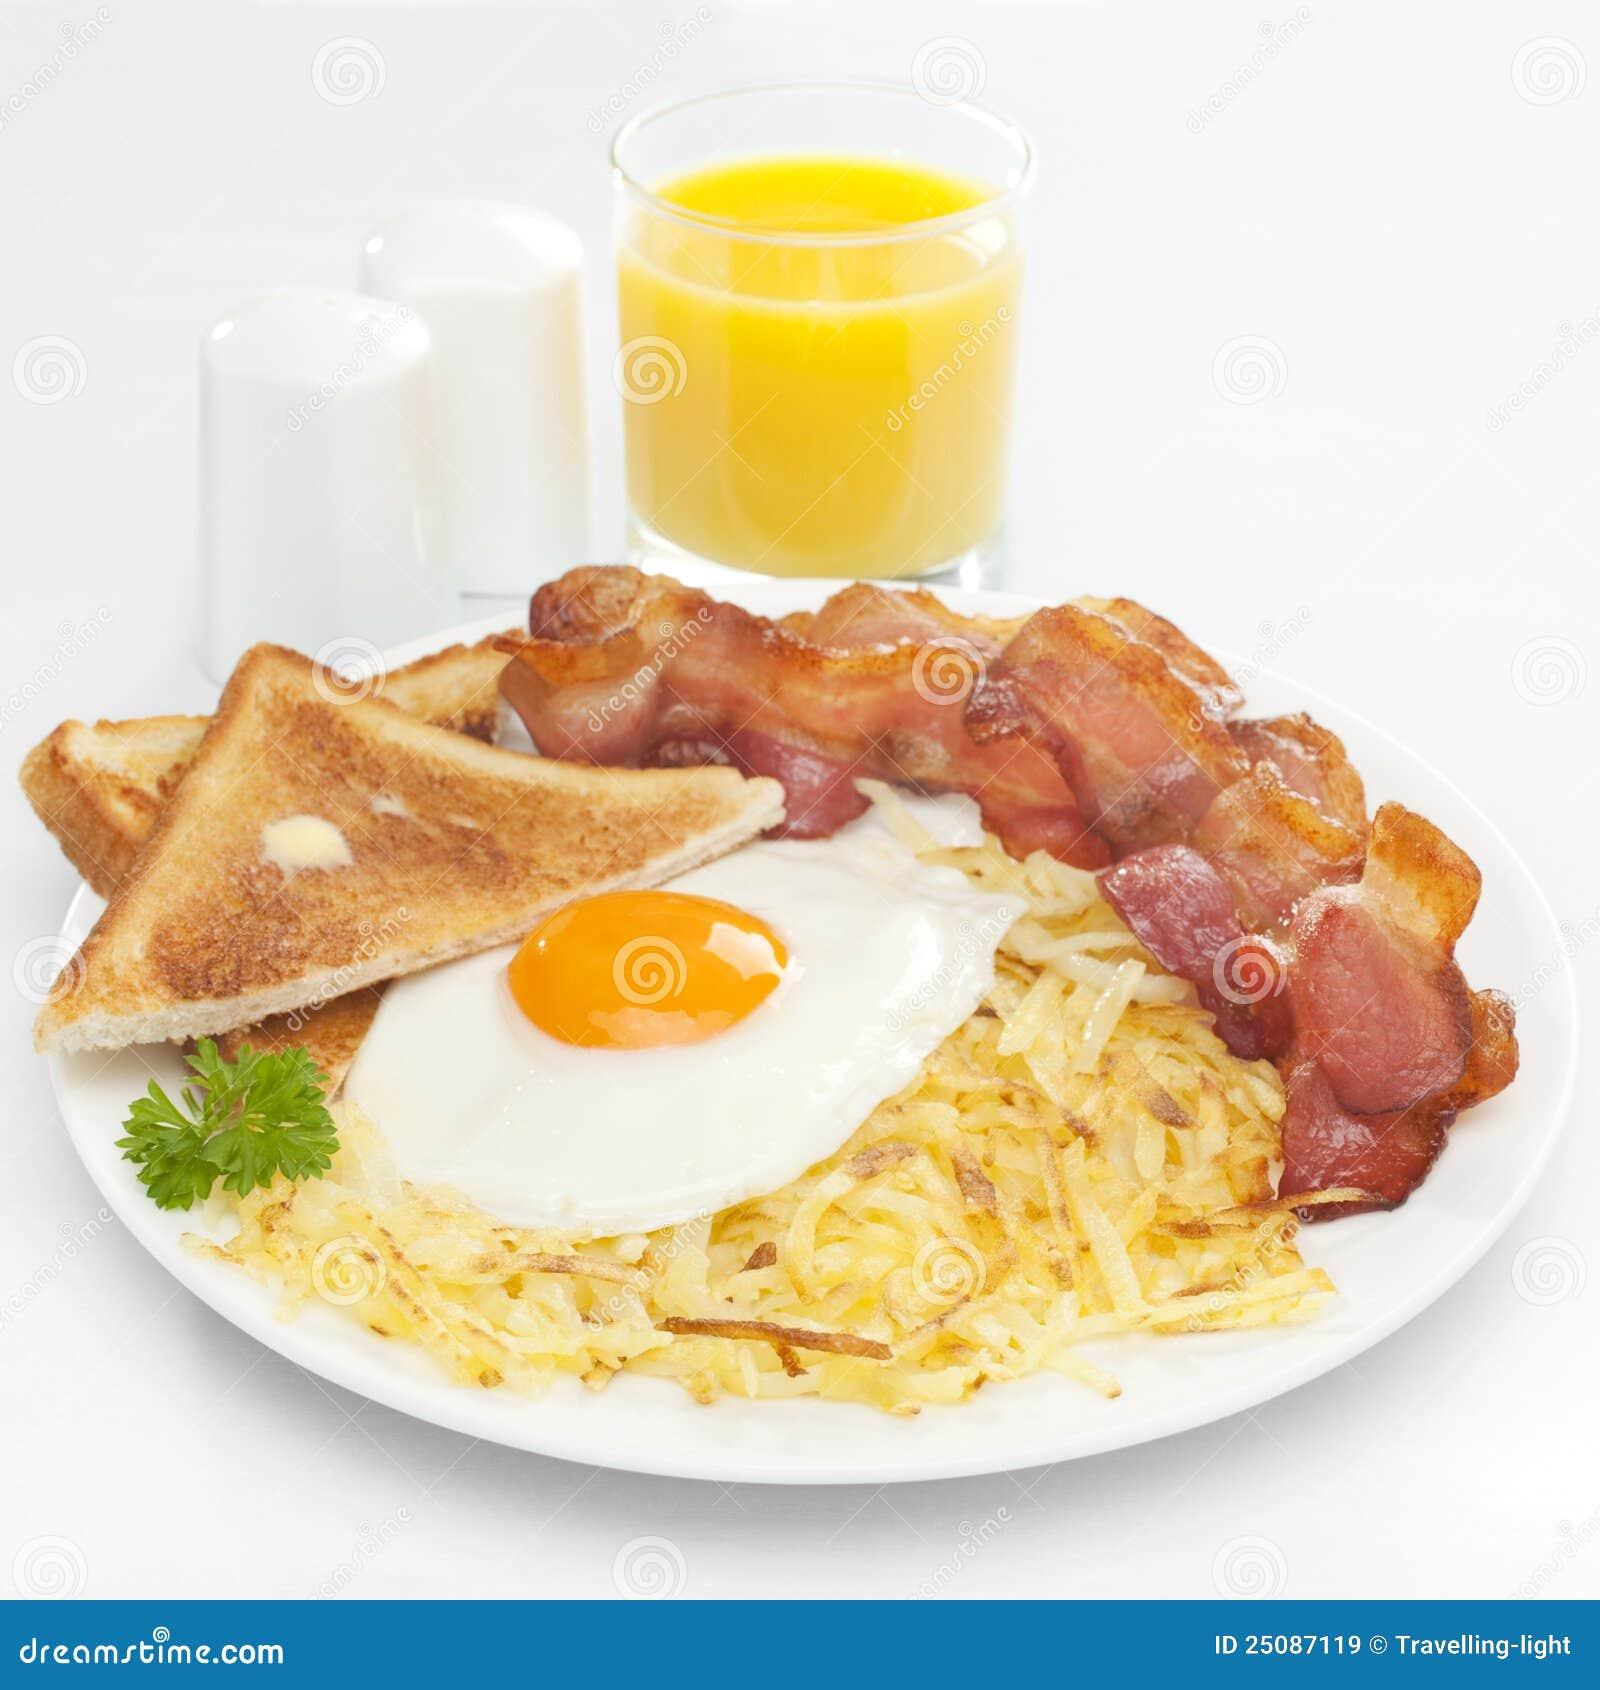 Desayuno Americano Imágenes de archivo libres de regalías ...